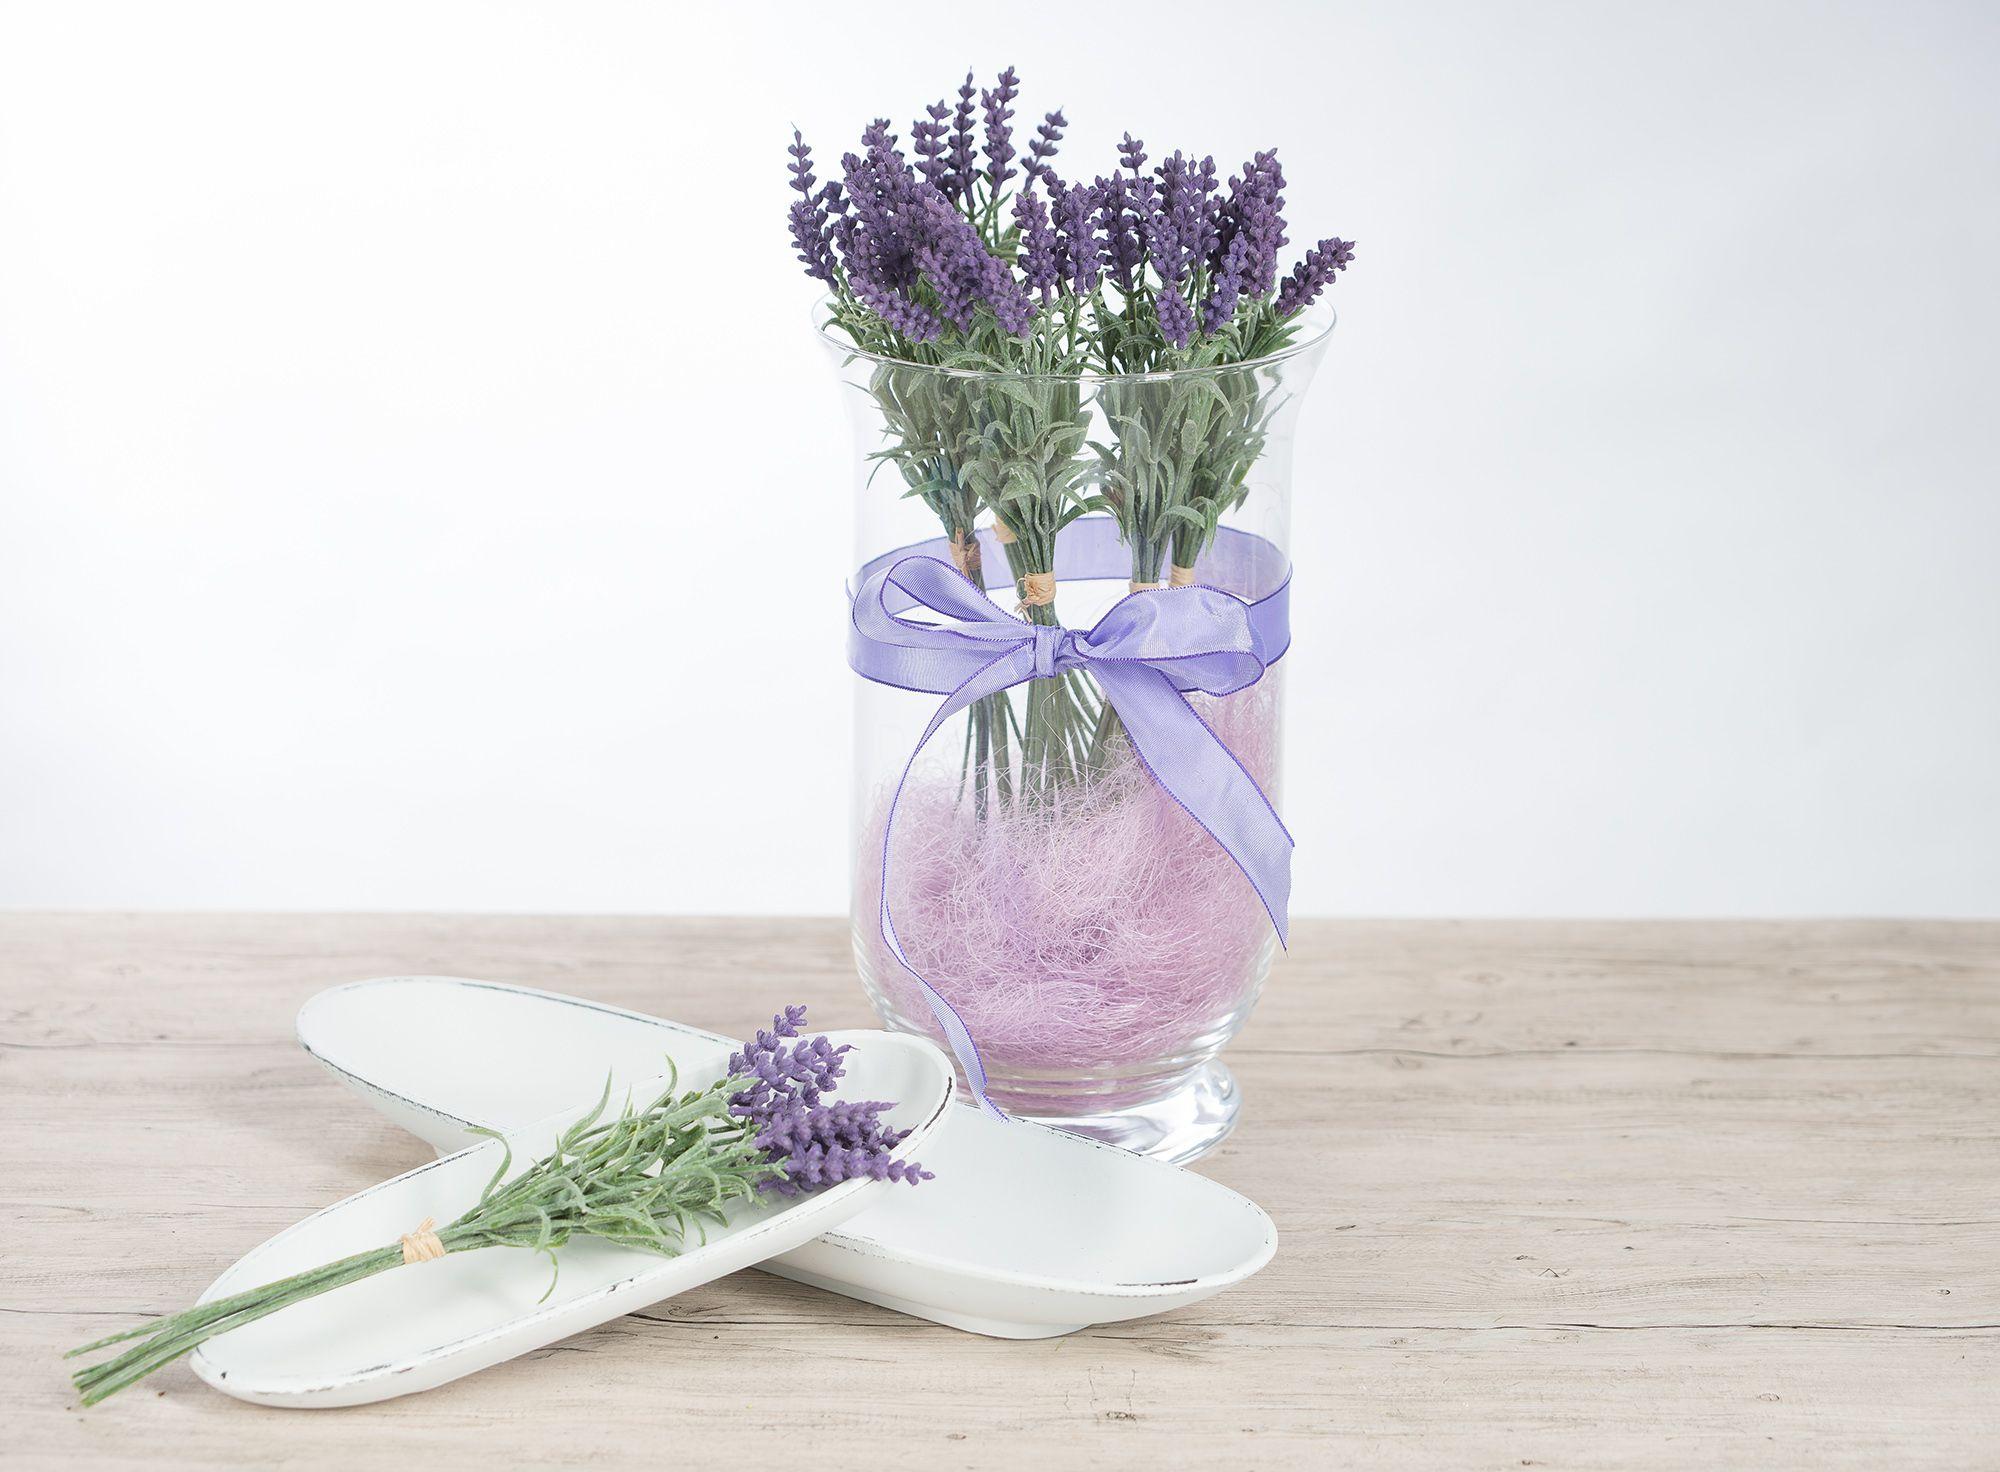 Diy Deko Mit Lavendel Bund In Einer Vase Mit Schleife Ideen Fur